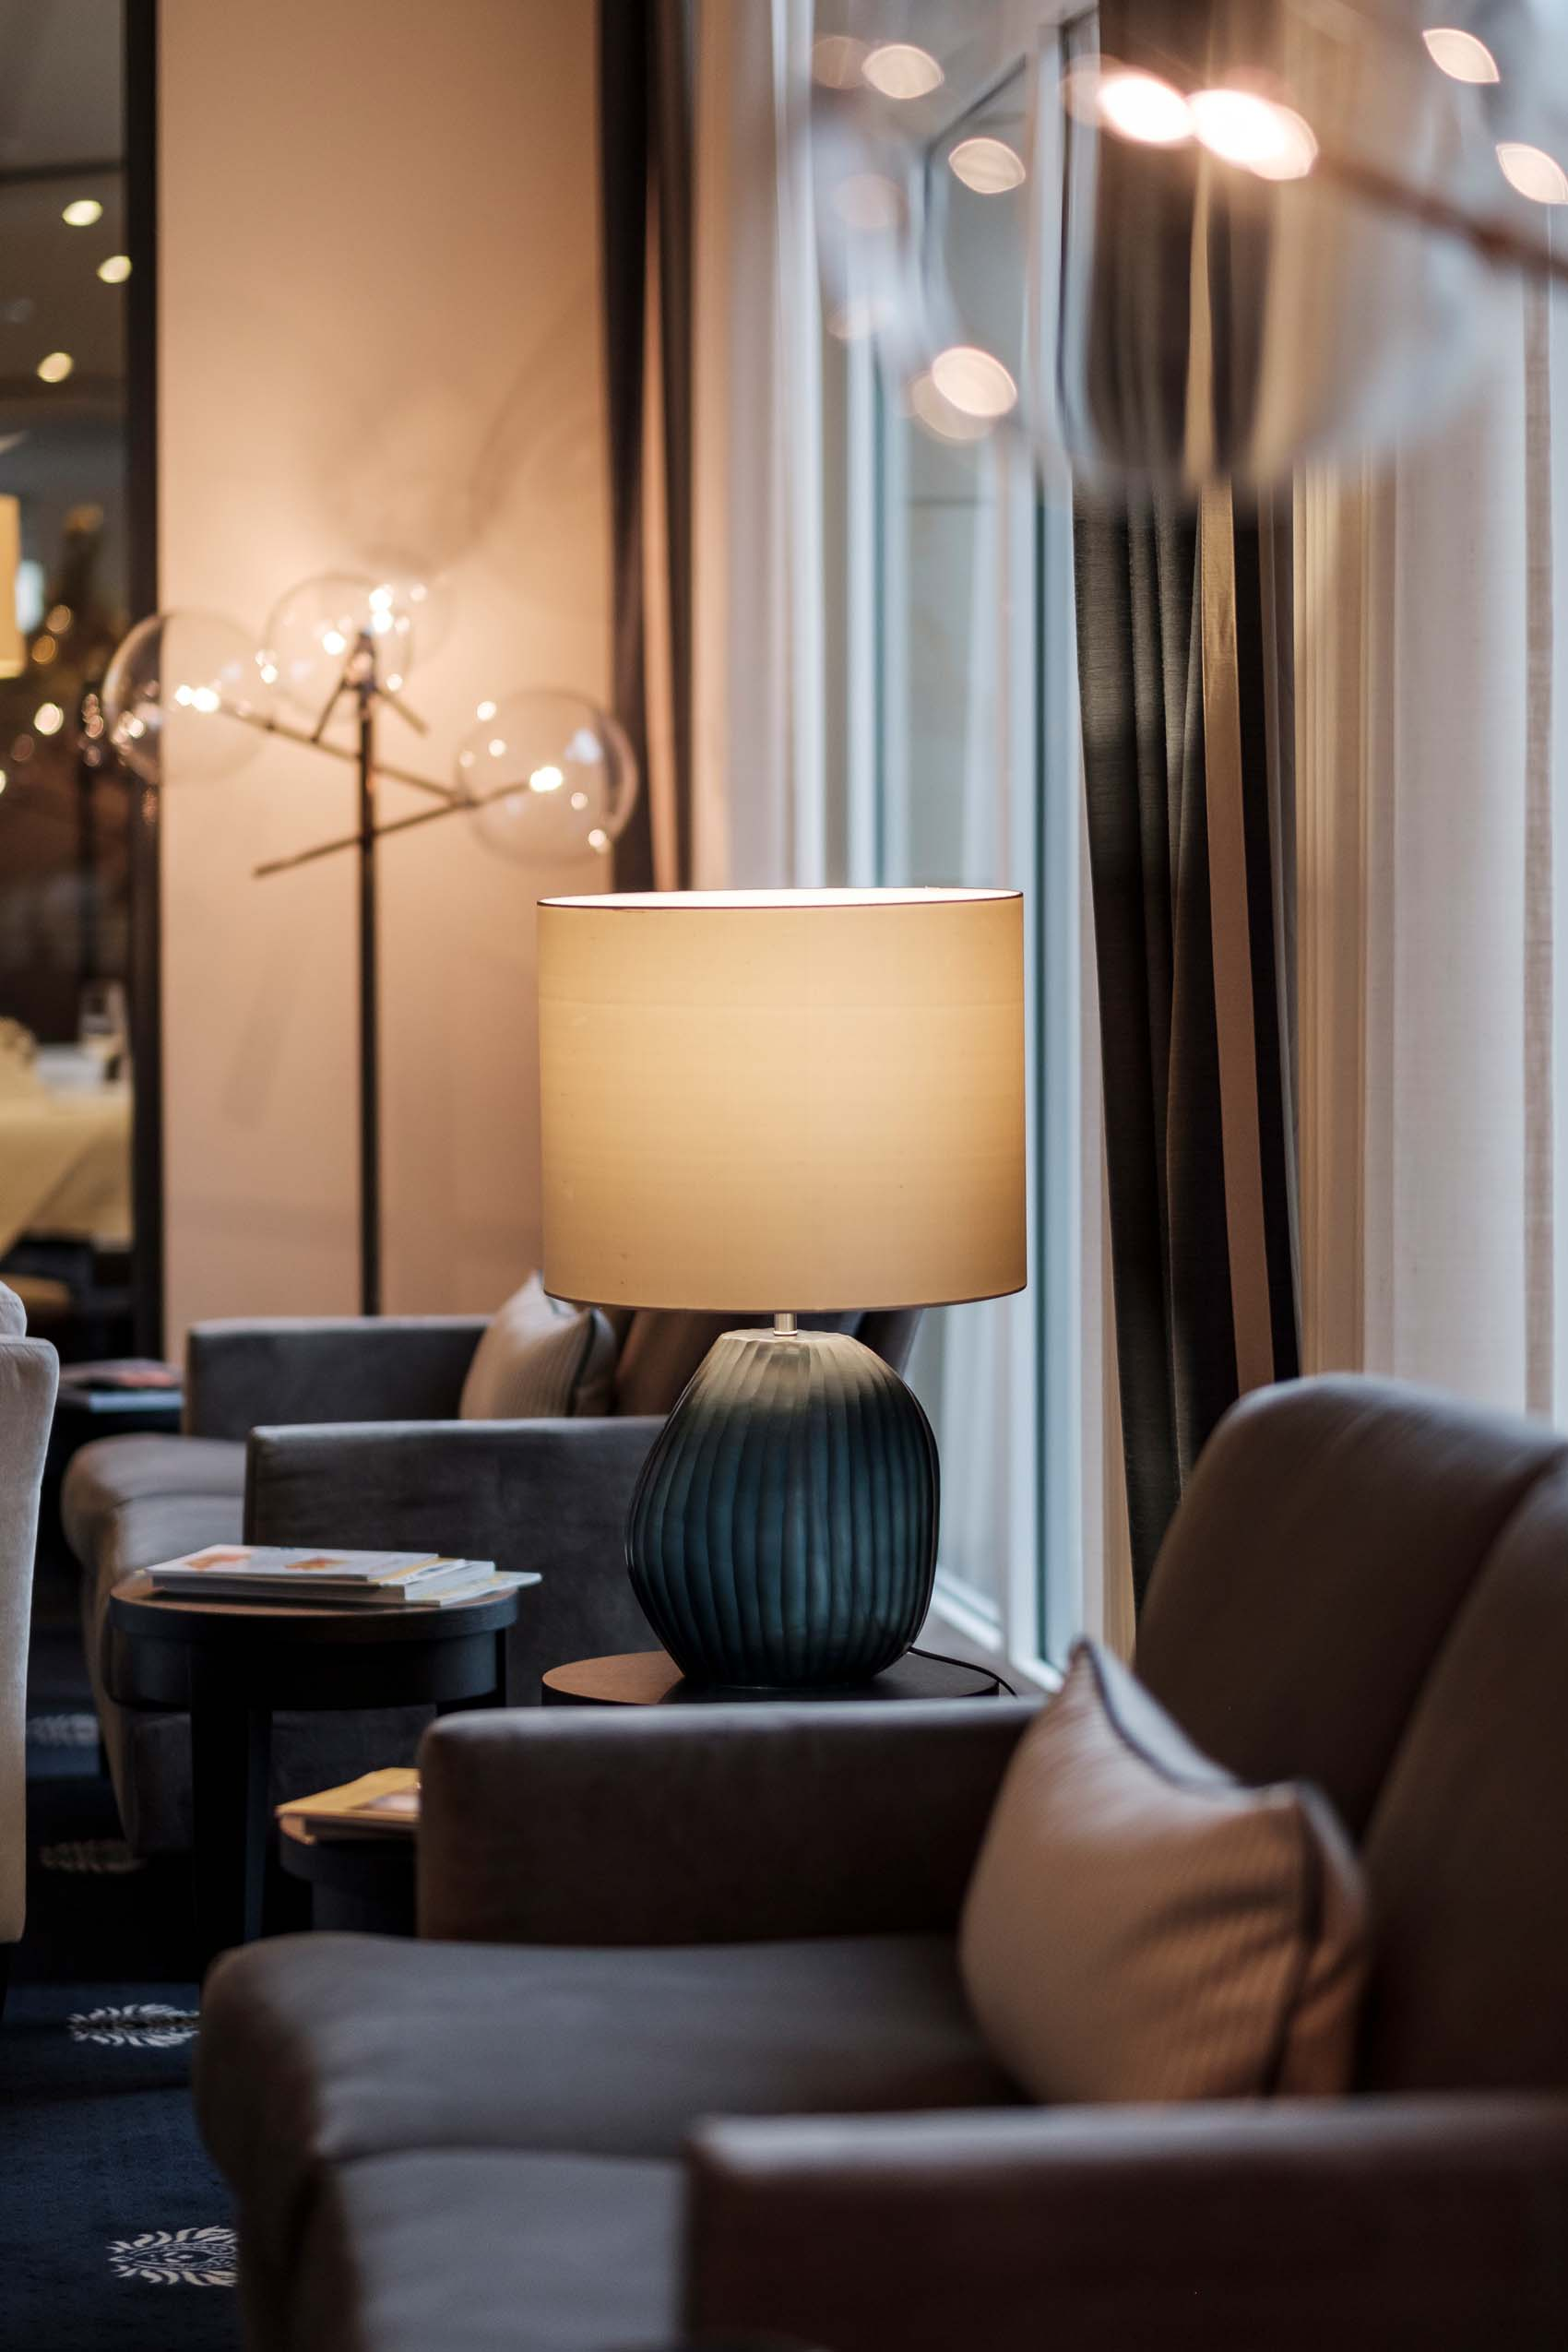 Imagefotos in der Hotellobby des Hotel Vier Jahreszeiten Starnberg